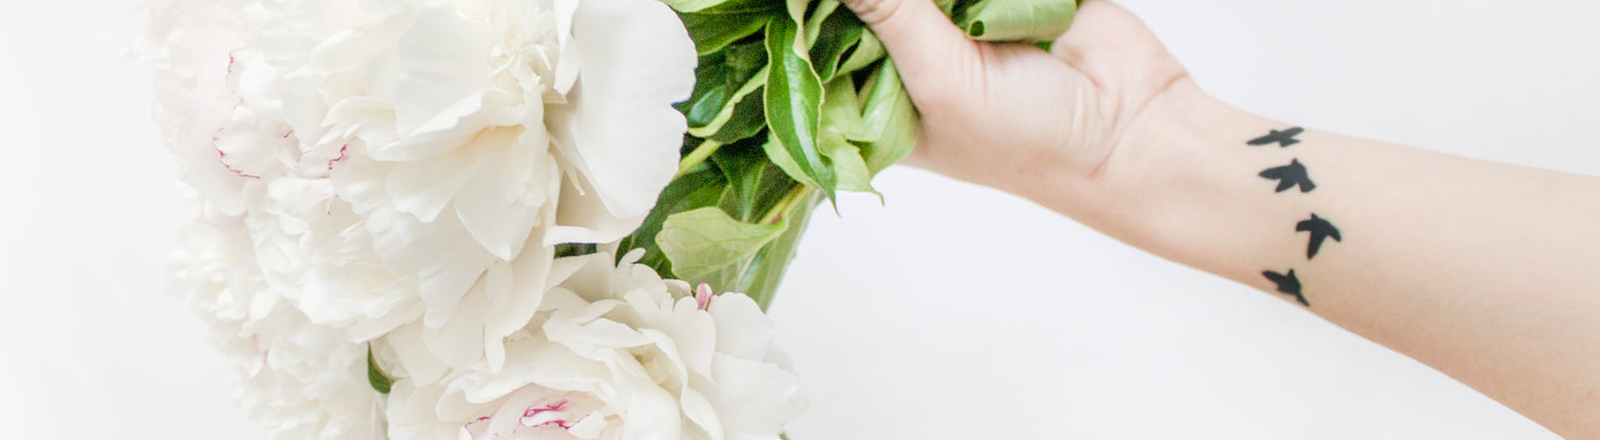 Tattoo am Handgelenk mit Blumen an der Hand